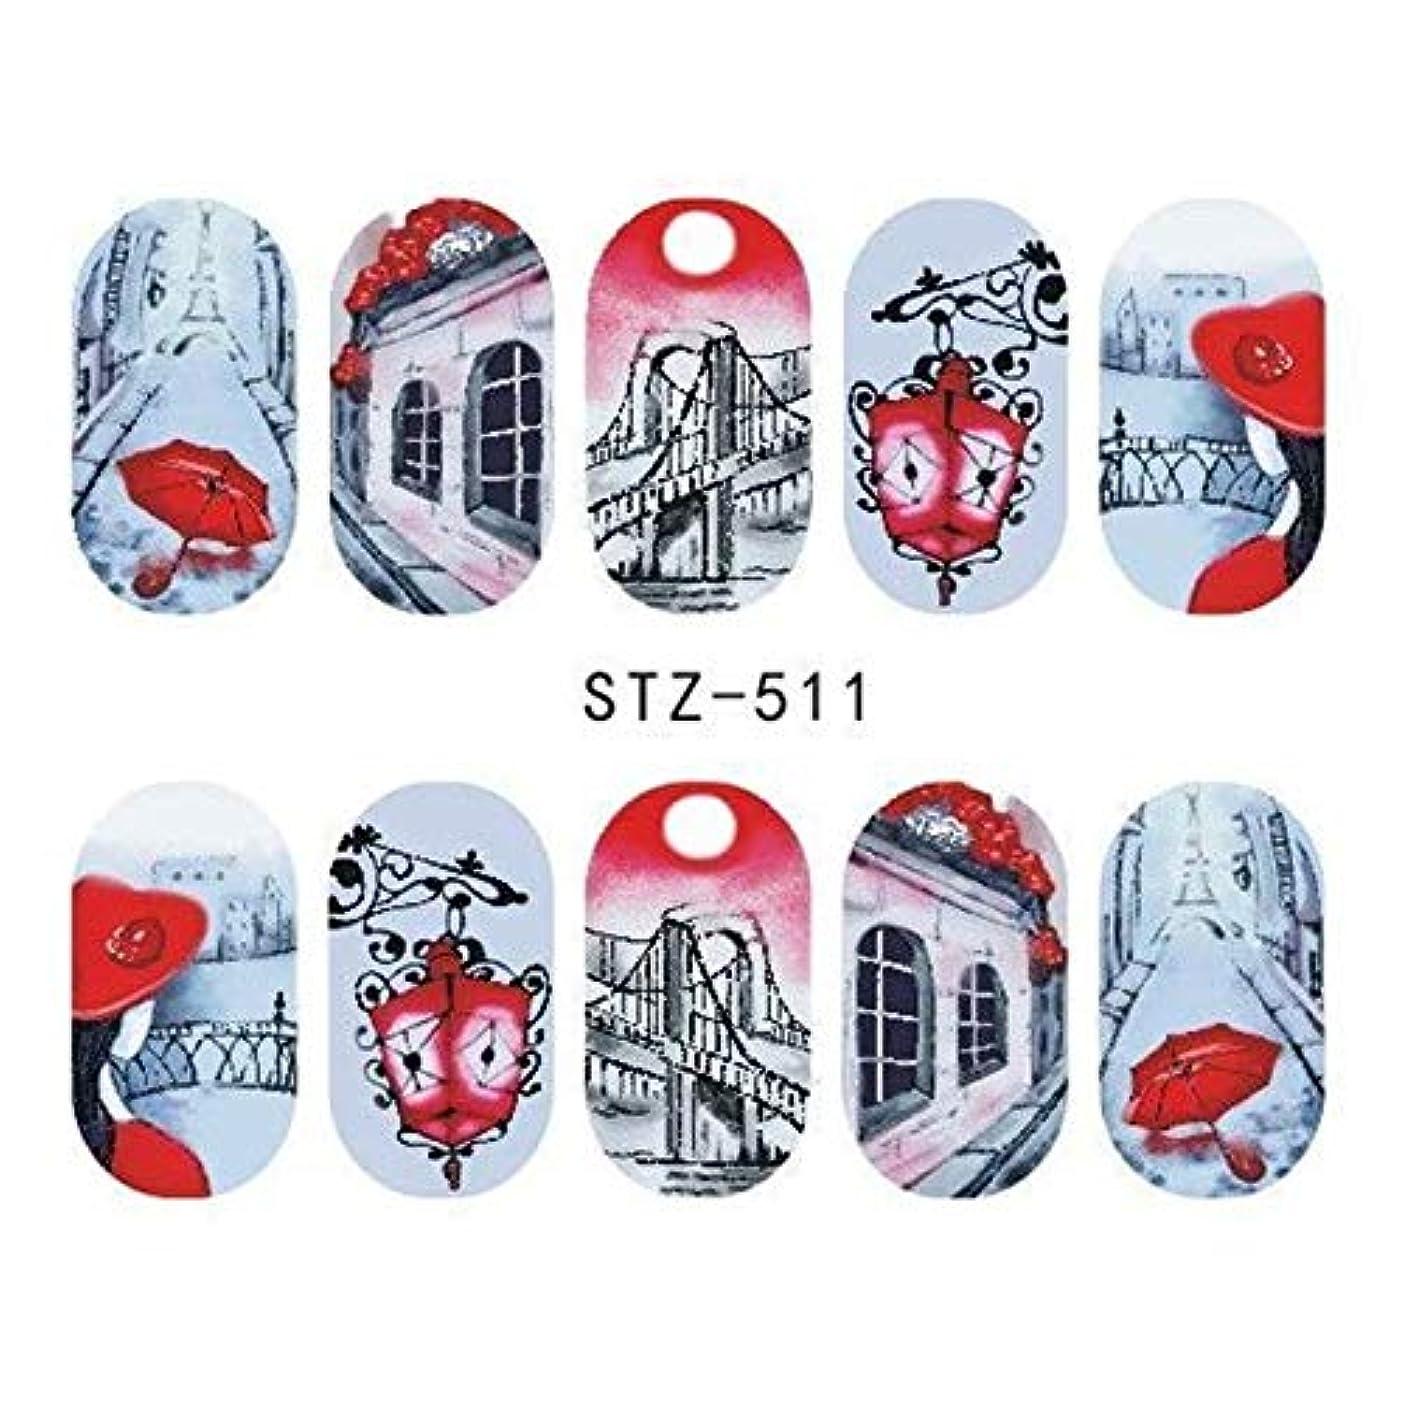 月曜幸運なことに王族手足ビューティーケア 3個DIYのファッション水転写アートデカールネイルステッカー(STZ500) (色 : STZ511)